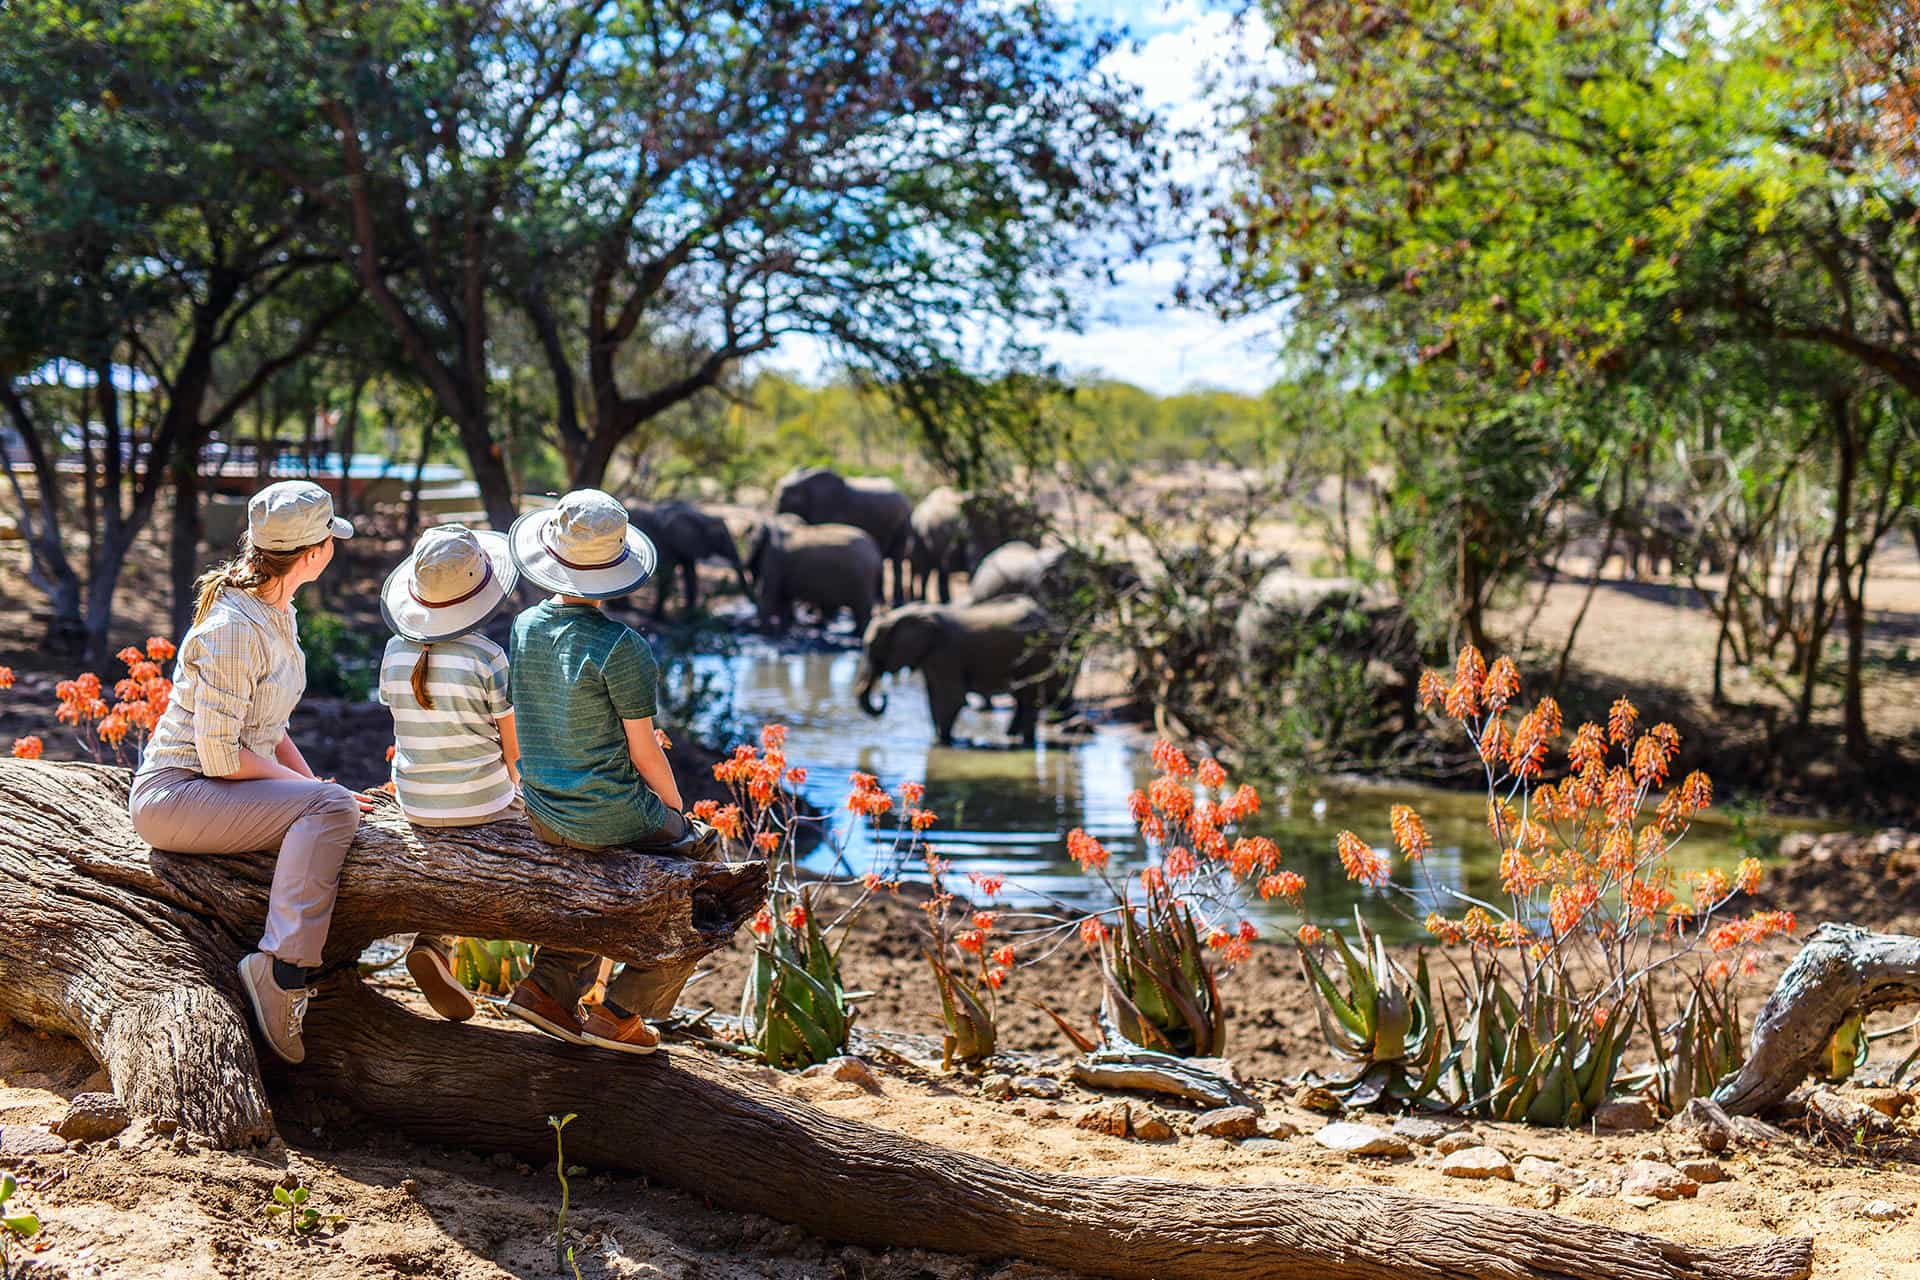 Adumu Safaris Activities - Family Safaris